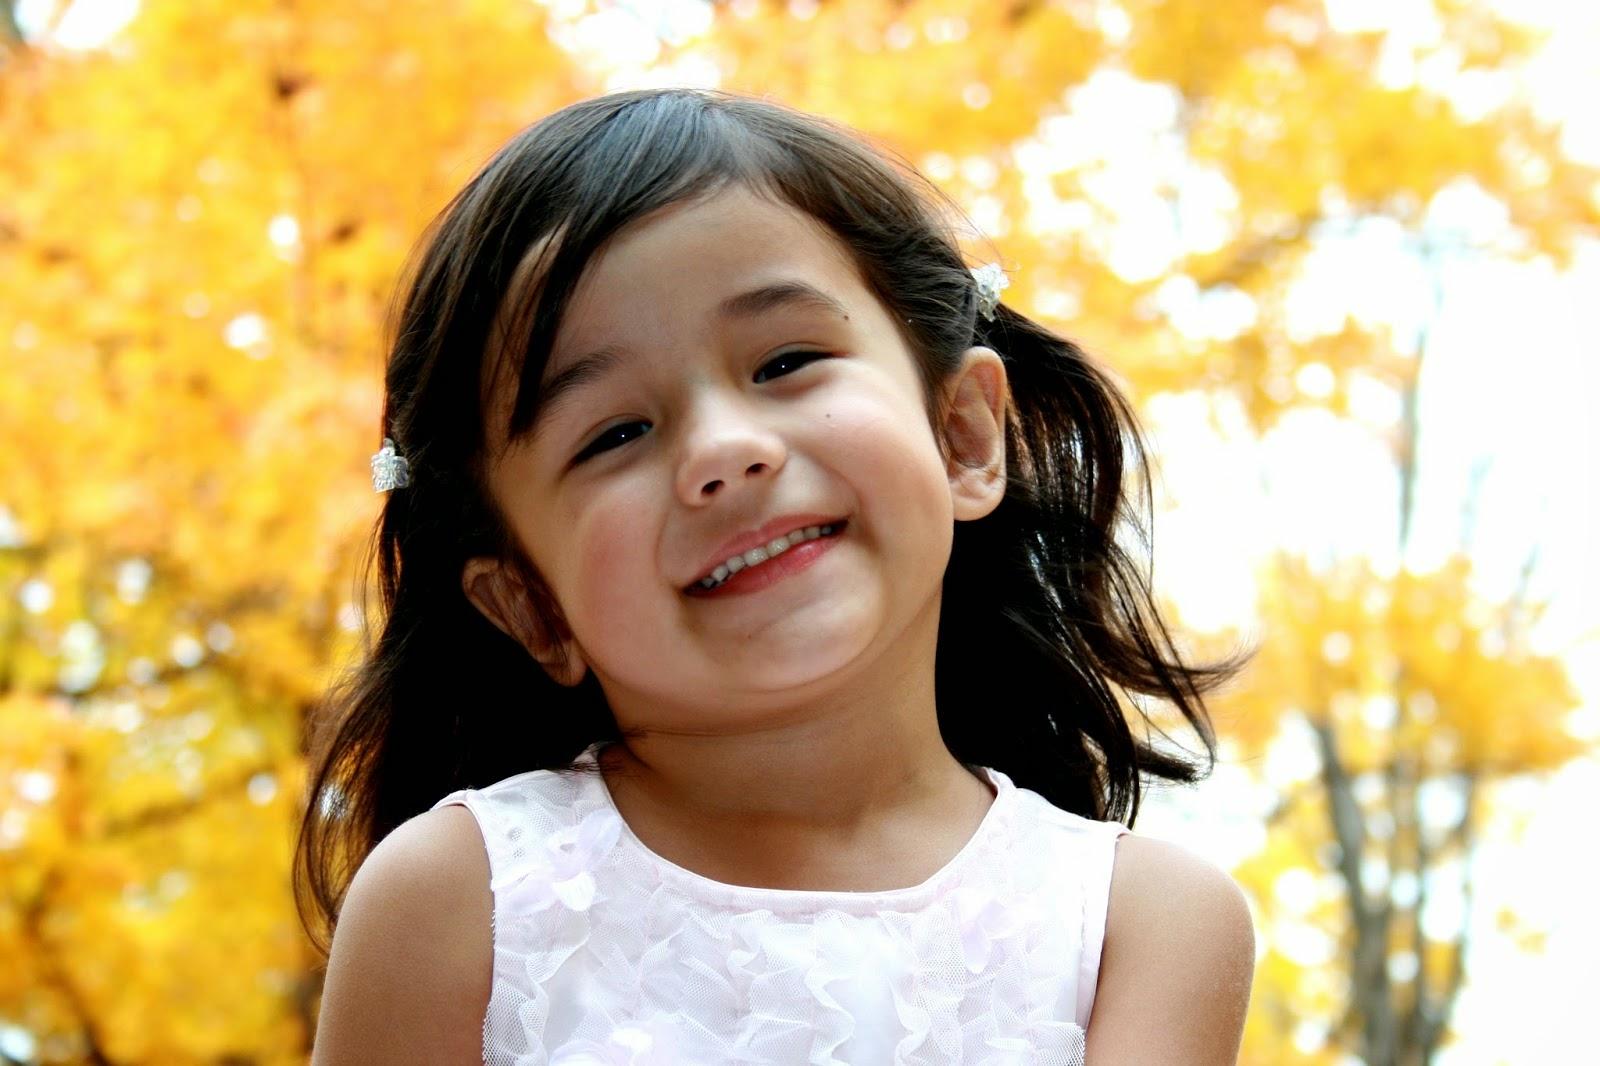 Gambar bayi cantik tersenyum